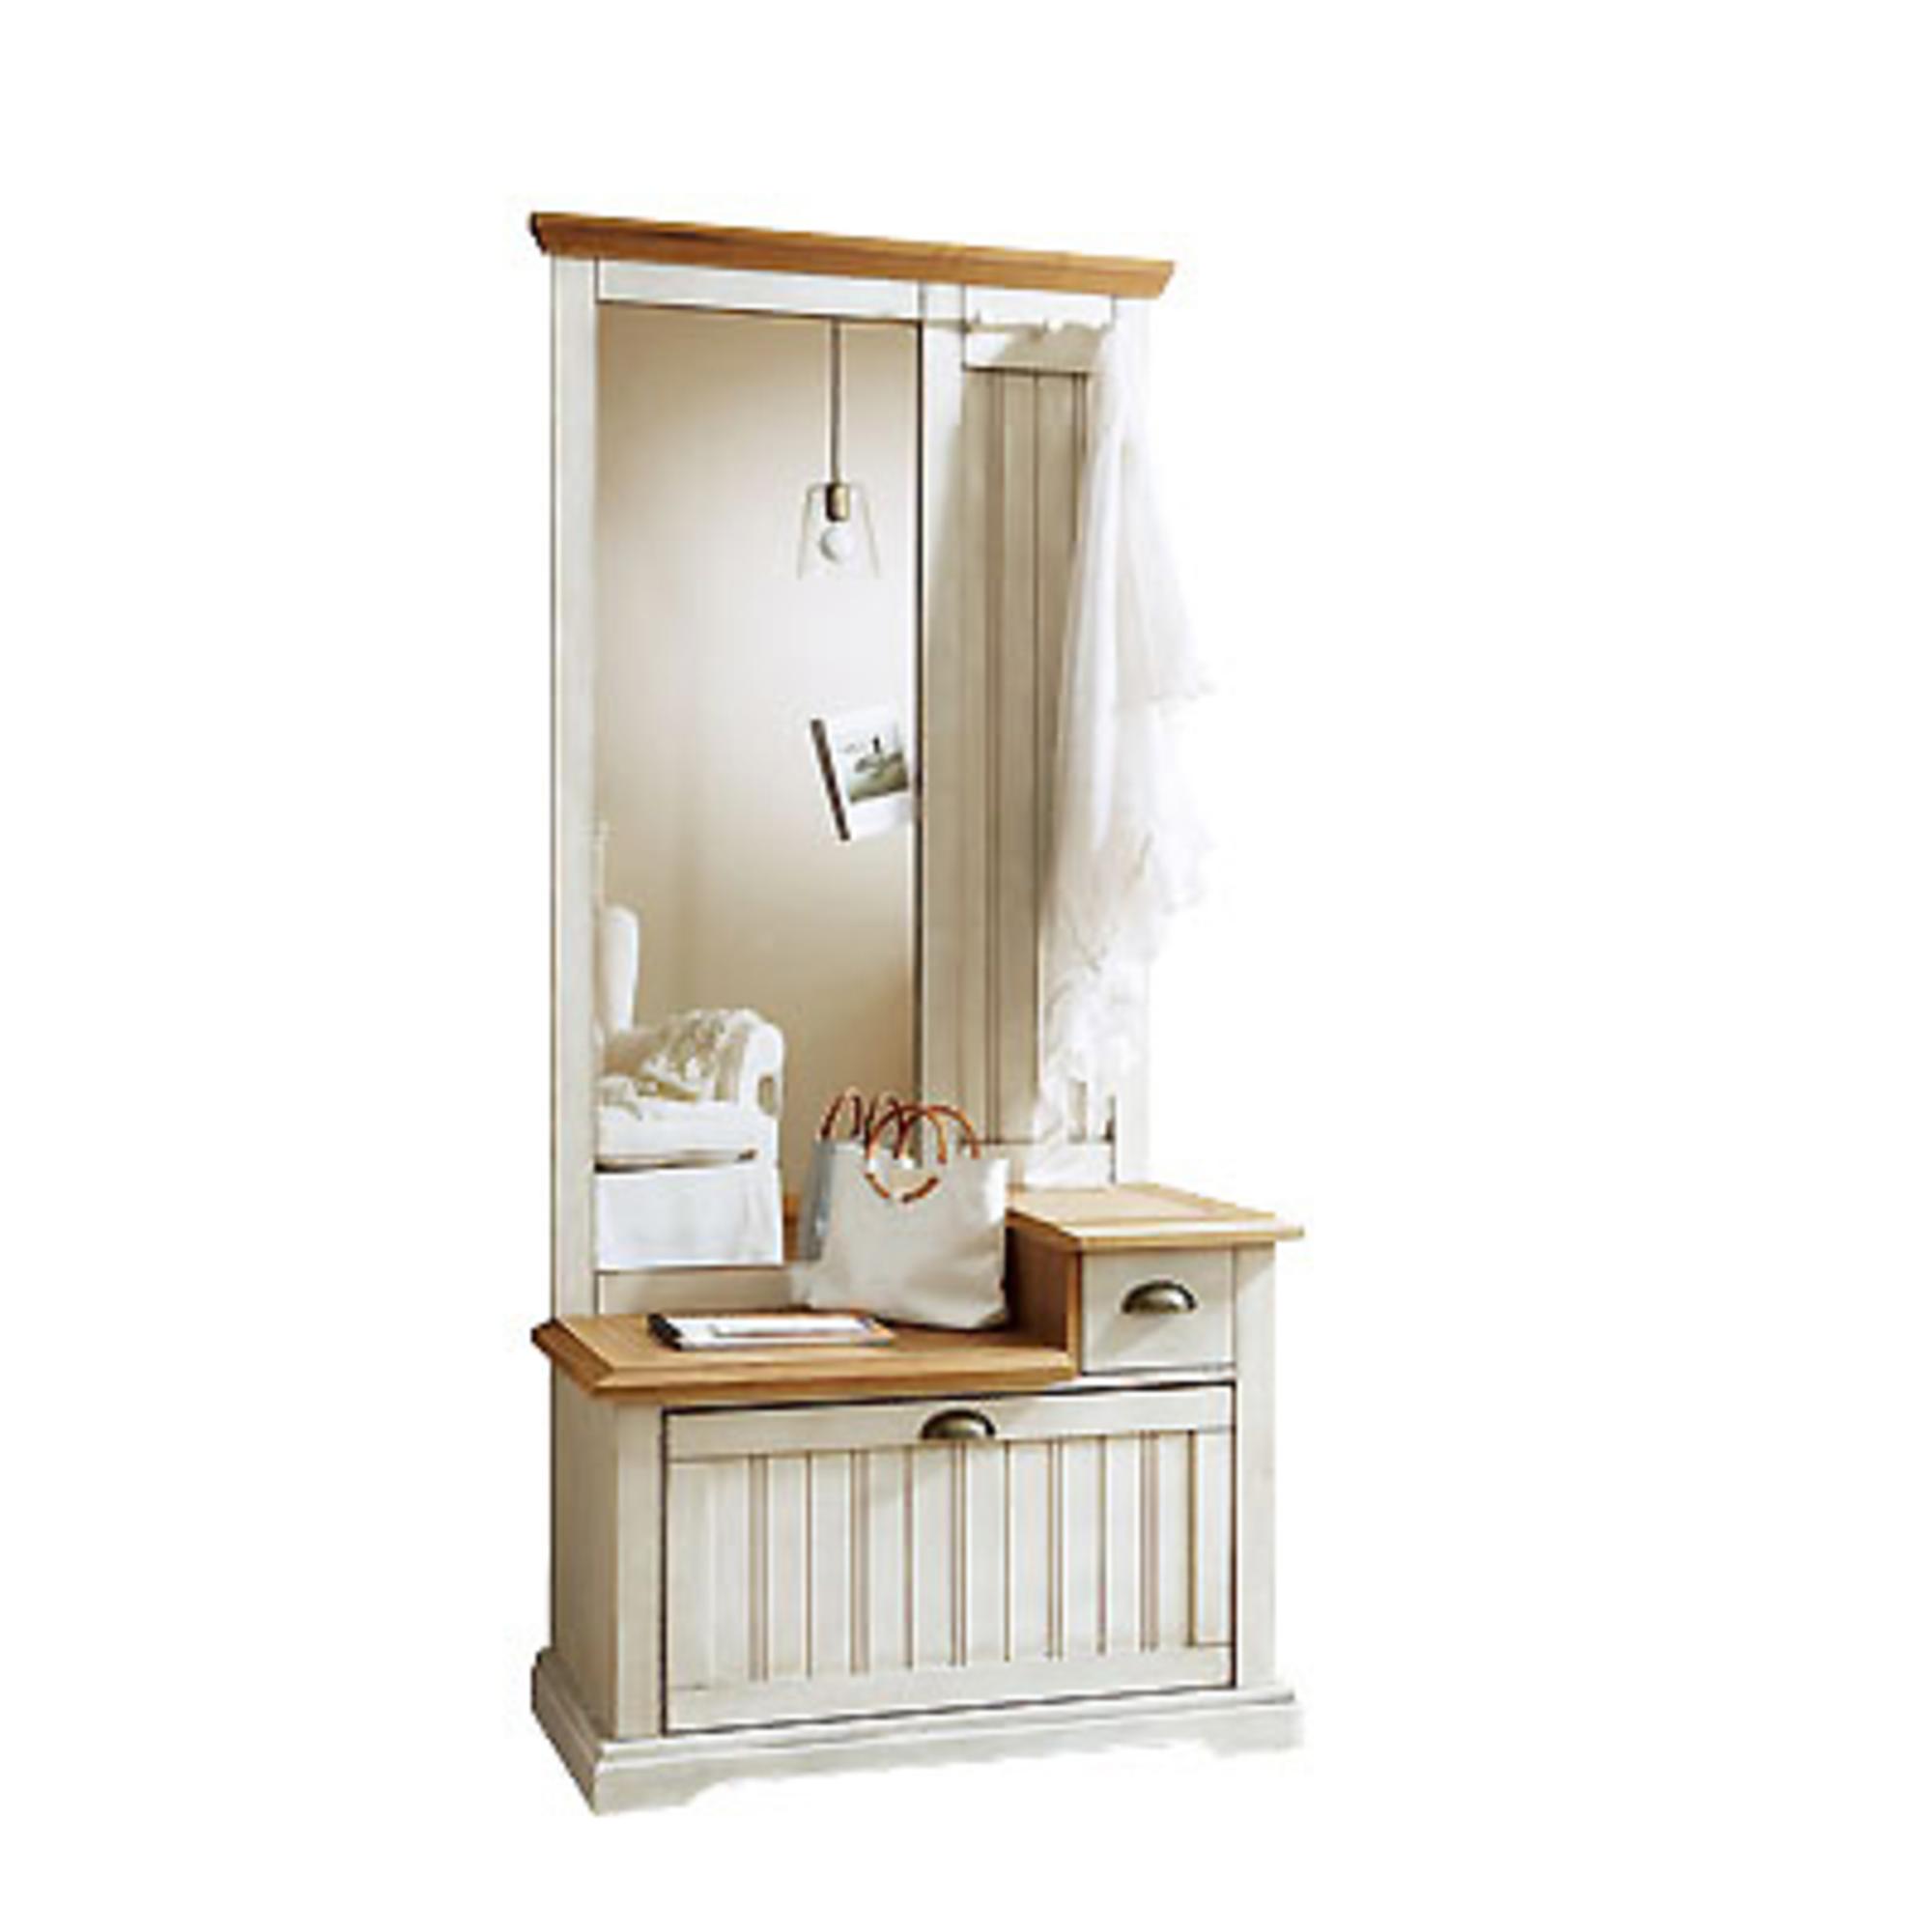 vestiaire berling blanc patin anniversaire 40 ans acheter ce produit au meilleur prix. Black Bedroom Furniture Sets. Home Design Ideas